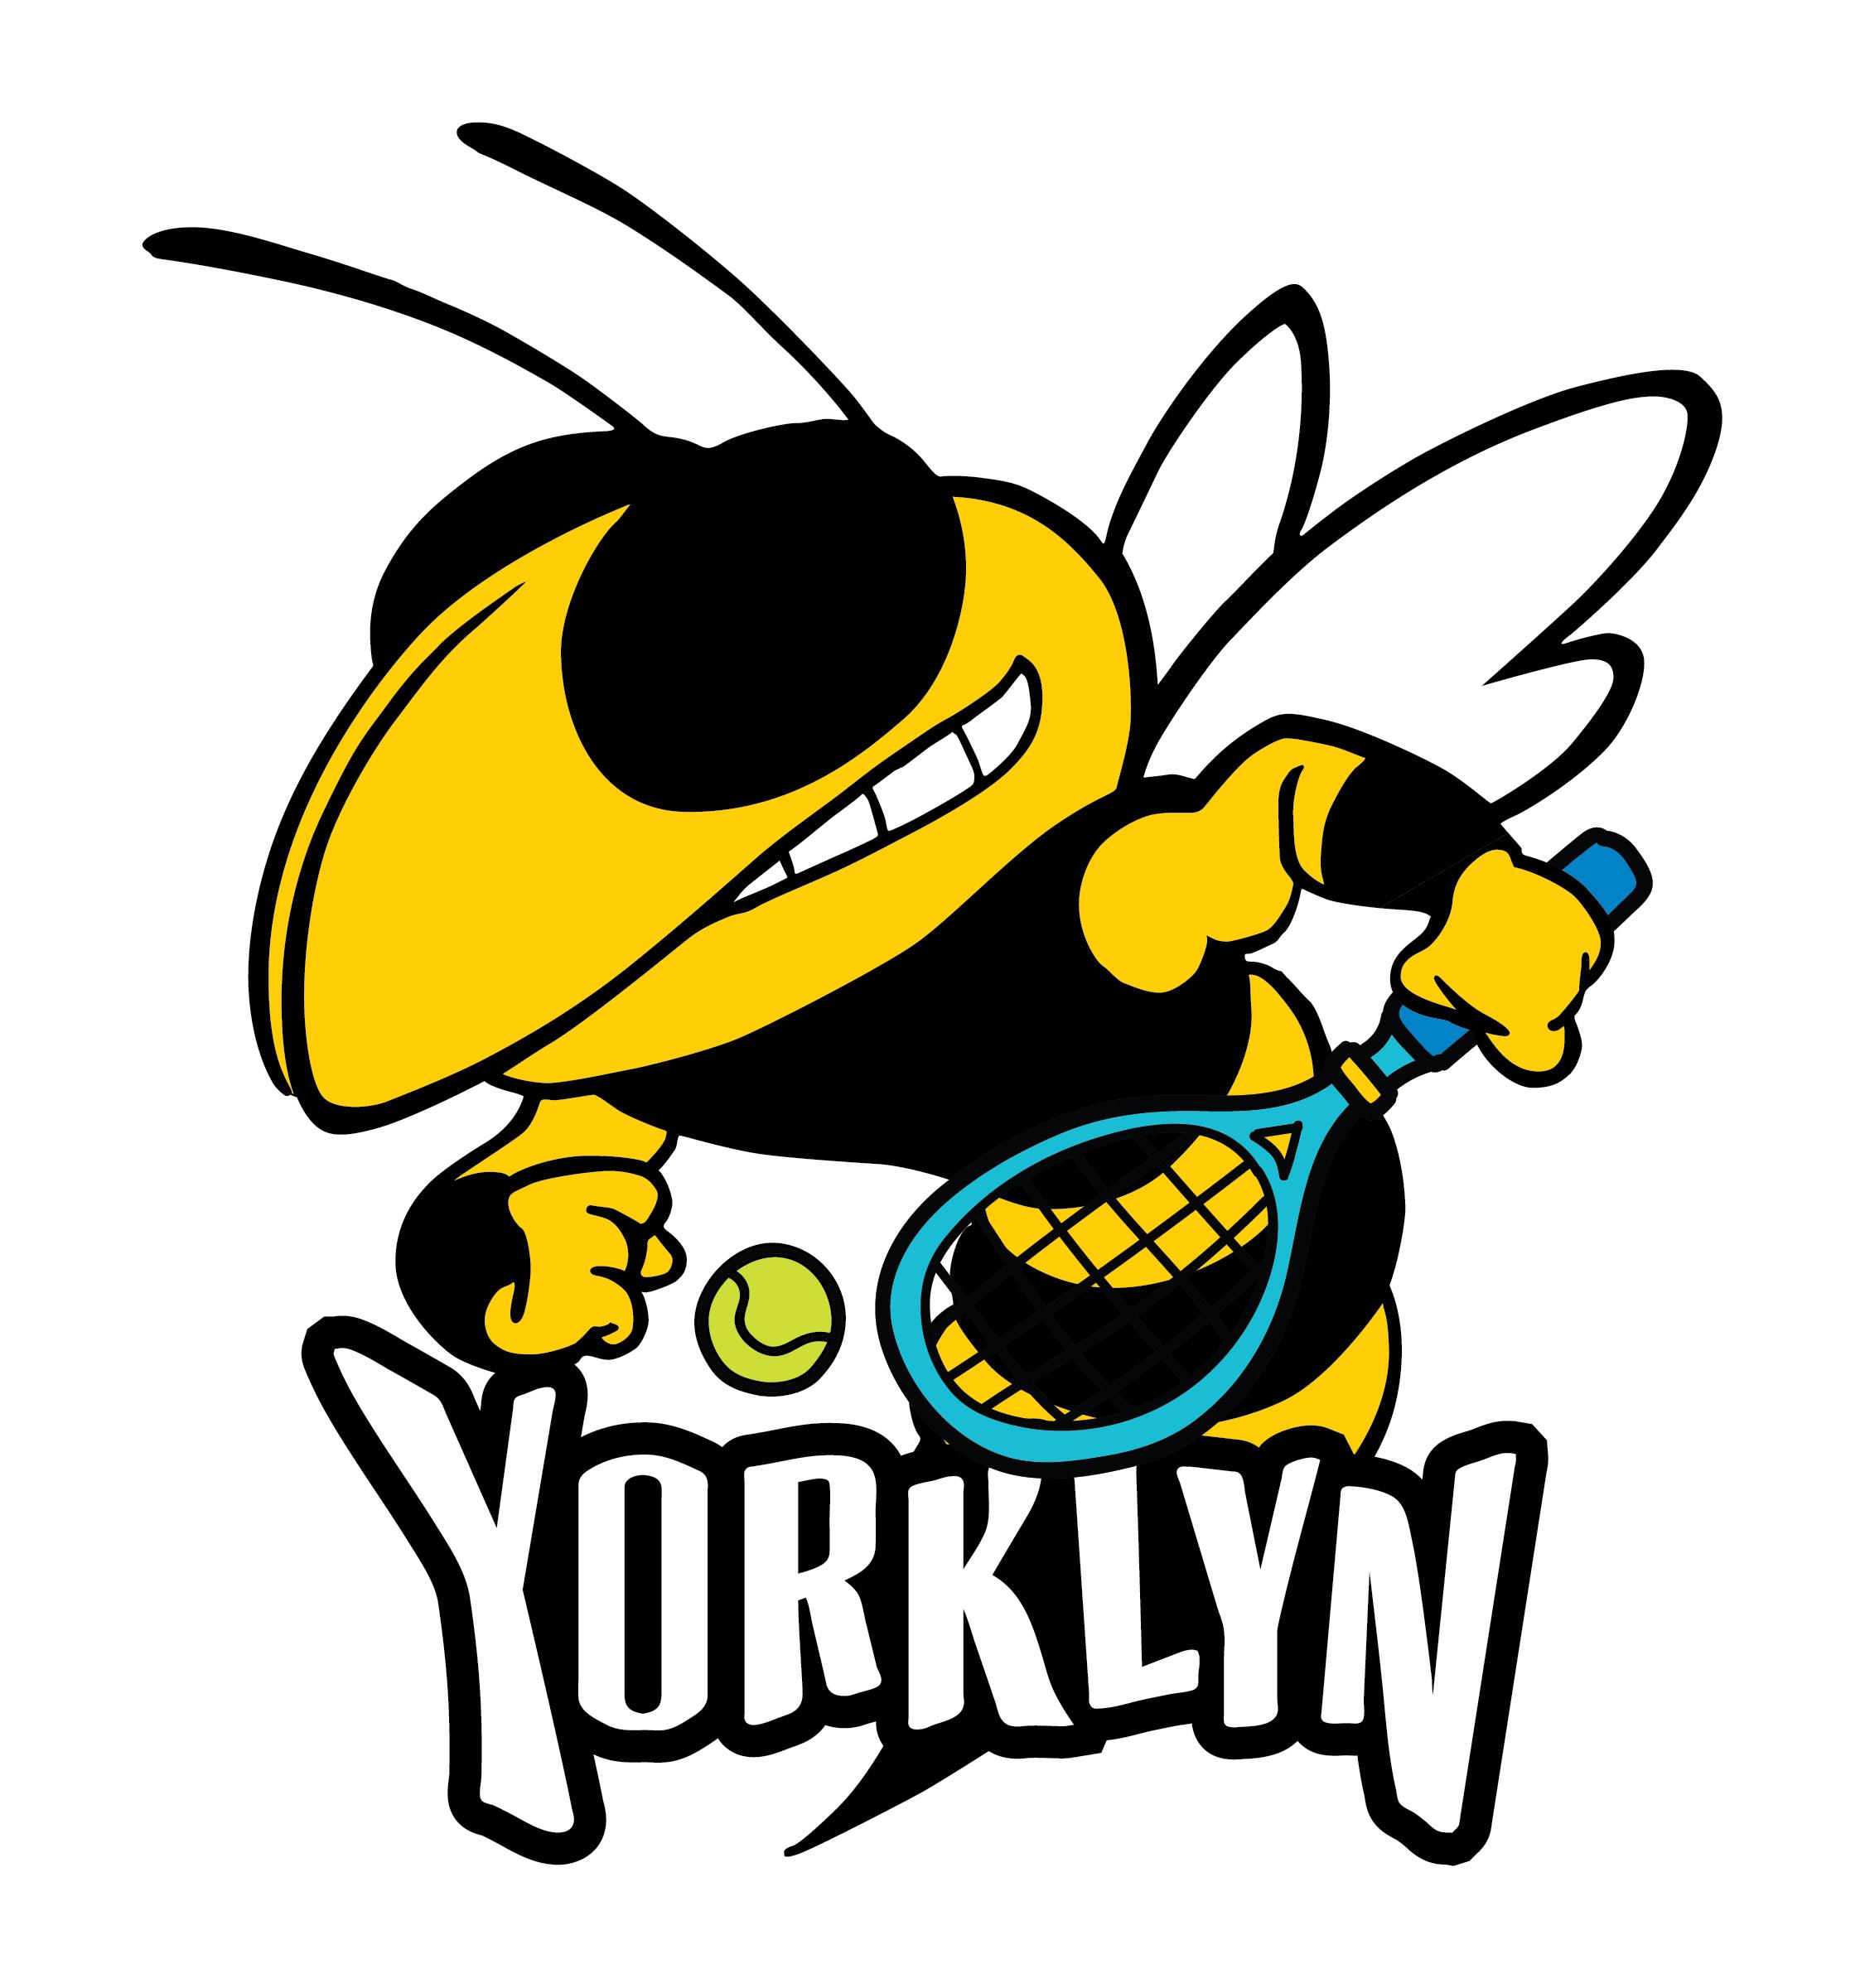 Yorklyn_Tennis_logo 300RGB.jpg